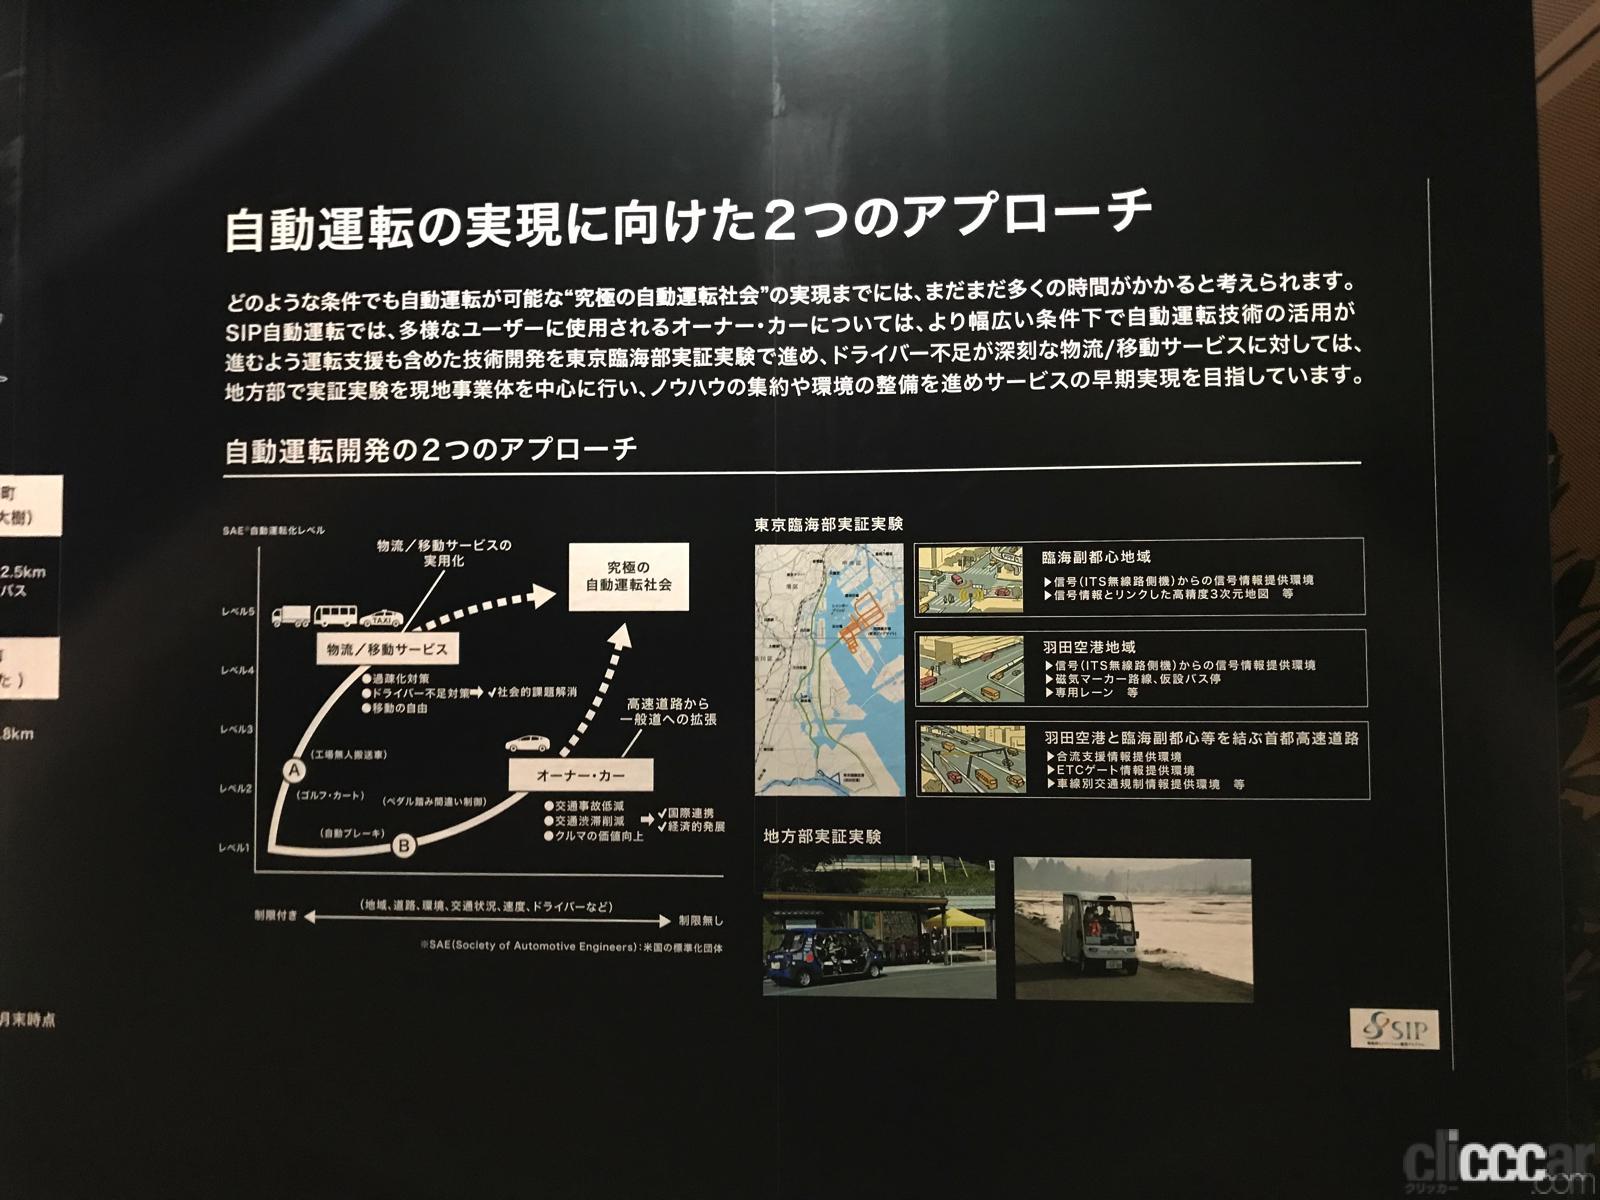 「清水和夫が解説!日本が進める「自動運転の今」はどんな技術で、どう使うのか?【SIP第2期 自動運転 中間成果発表会】」の3枚目の画像